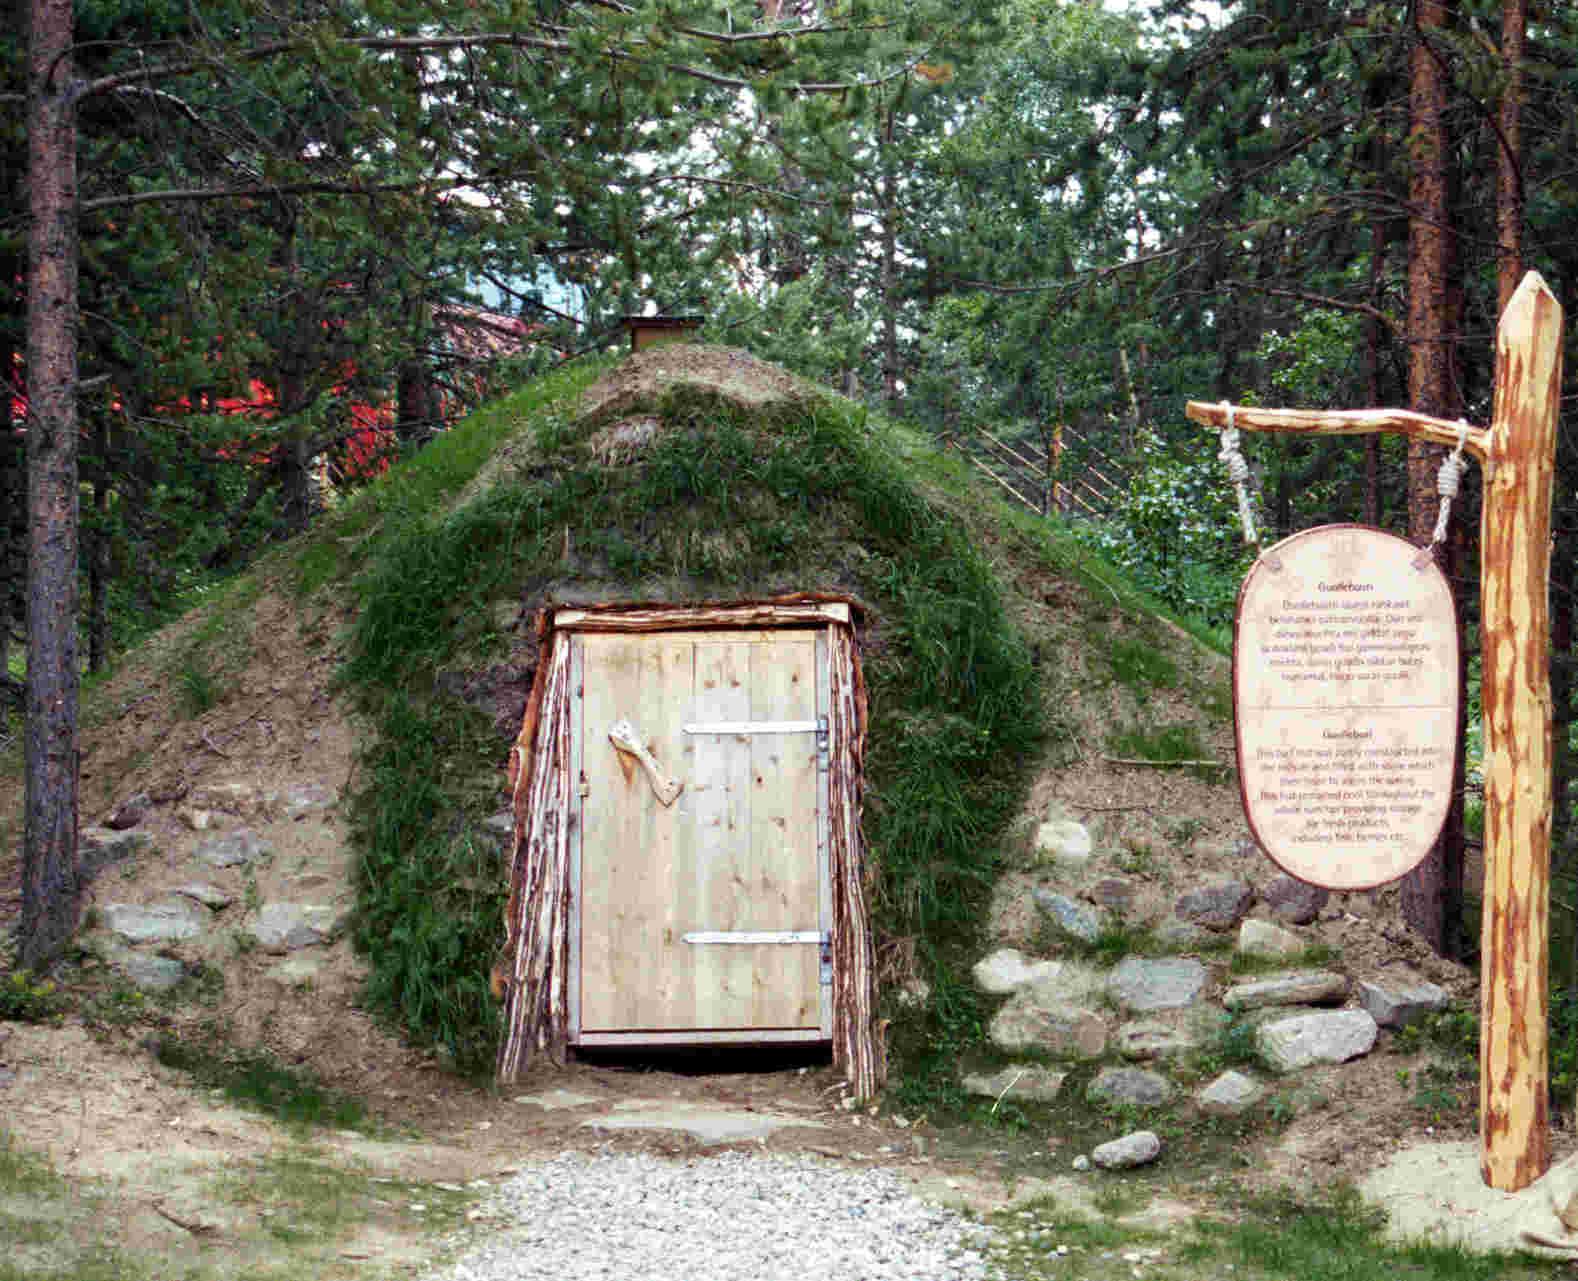 Samiske telt (tent) Lávvu, Goahti og Gammer   Travel Finnmark